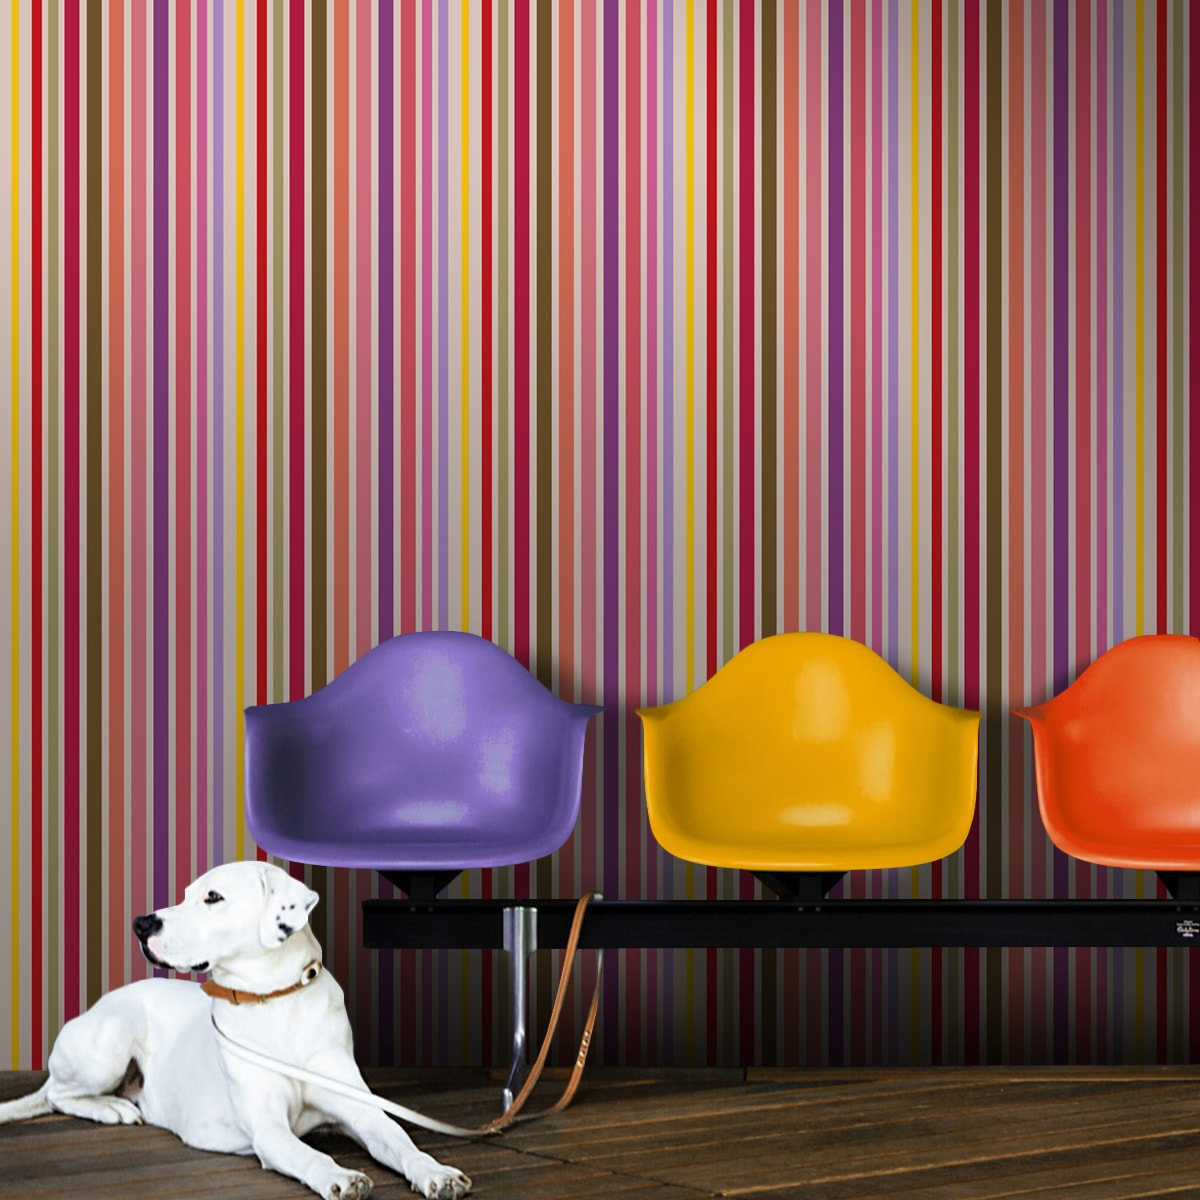 Sommer, Sonne und Kakadus - die aus der Tapeten Design Familie: -0040 als Naturaltouch Luxus Vliestapete oder Basic Vliestapete